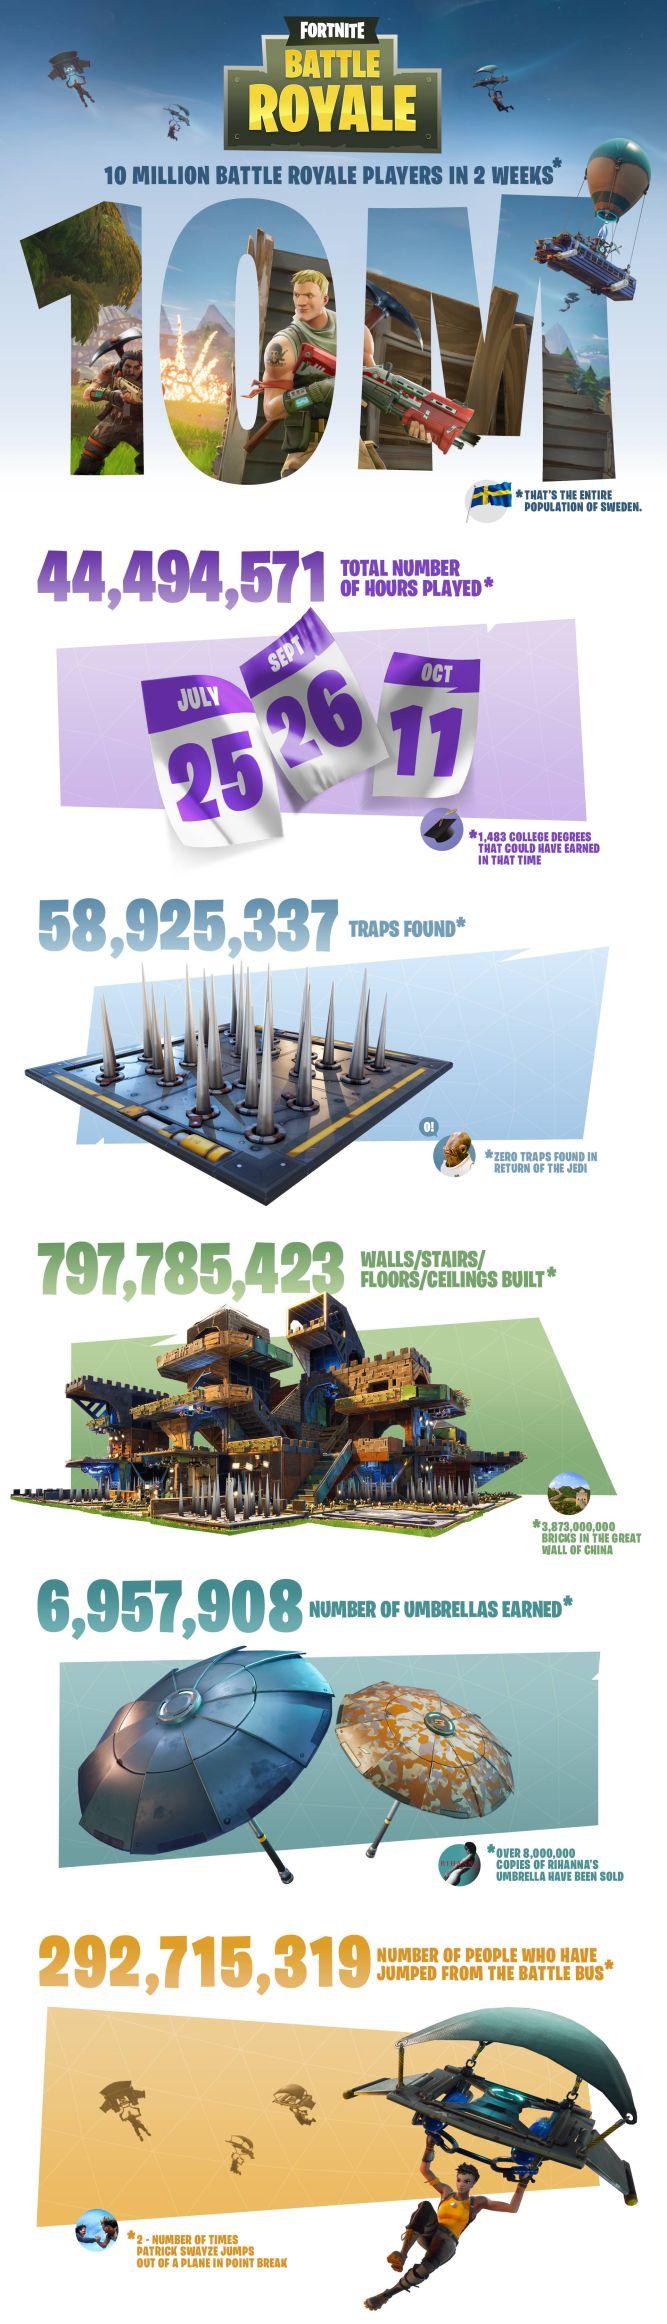 PUBG z dwoma milionami graczy jednocześnie! Fortnite: Battle Royale też szaleje - obrazek 2